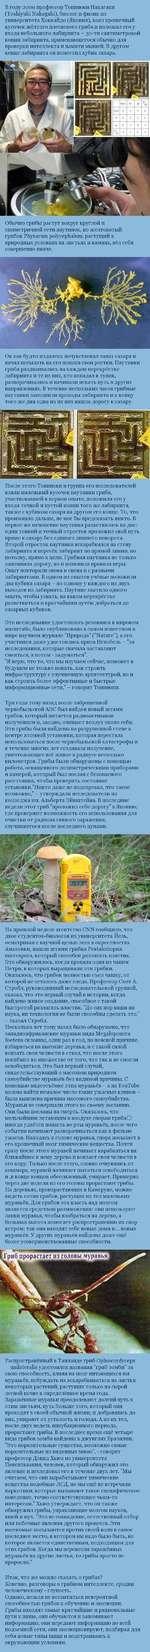 В году 2000 профессор Тошиюки Накагаки (ТовЫуиМ Nakagaki), биолог и физик из университета Хоккайдо (Япония), взял крошечный кусочек жёлтого плесневого гриба и положил его у ^ входа небольшого лабиринта - 30-ти сантиметровой копии лабиринта, применяющегося обычно для проверки интеллекта и памяти мыш